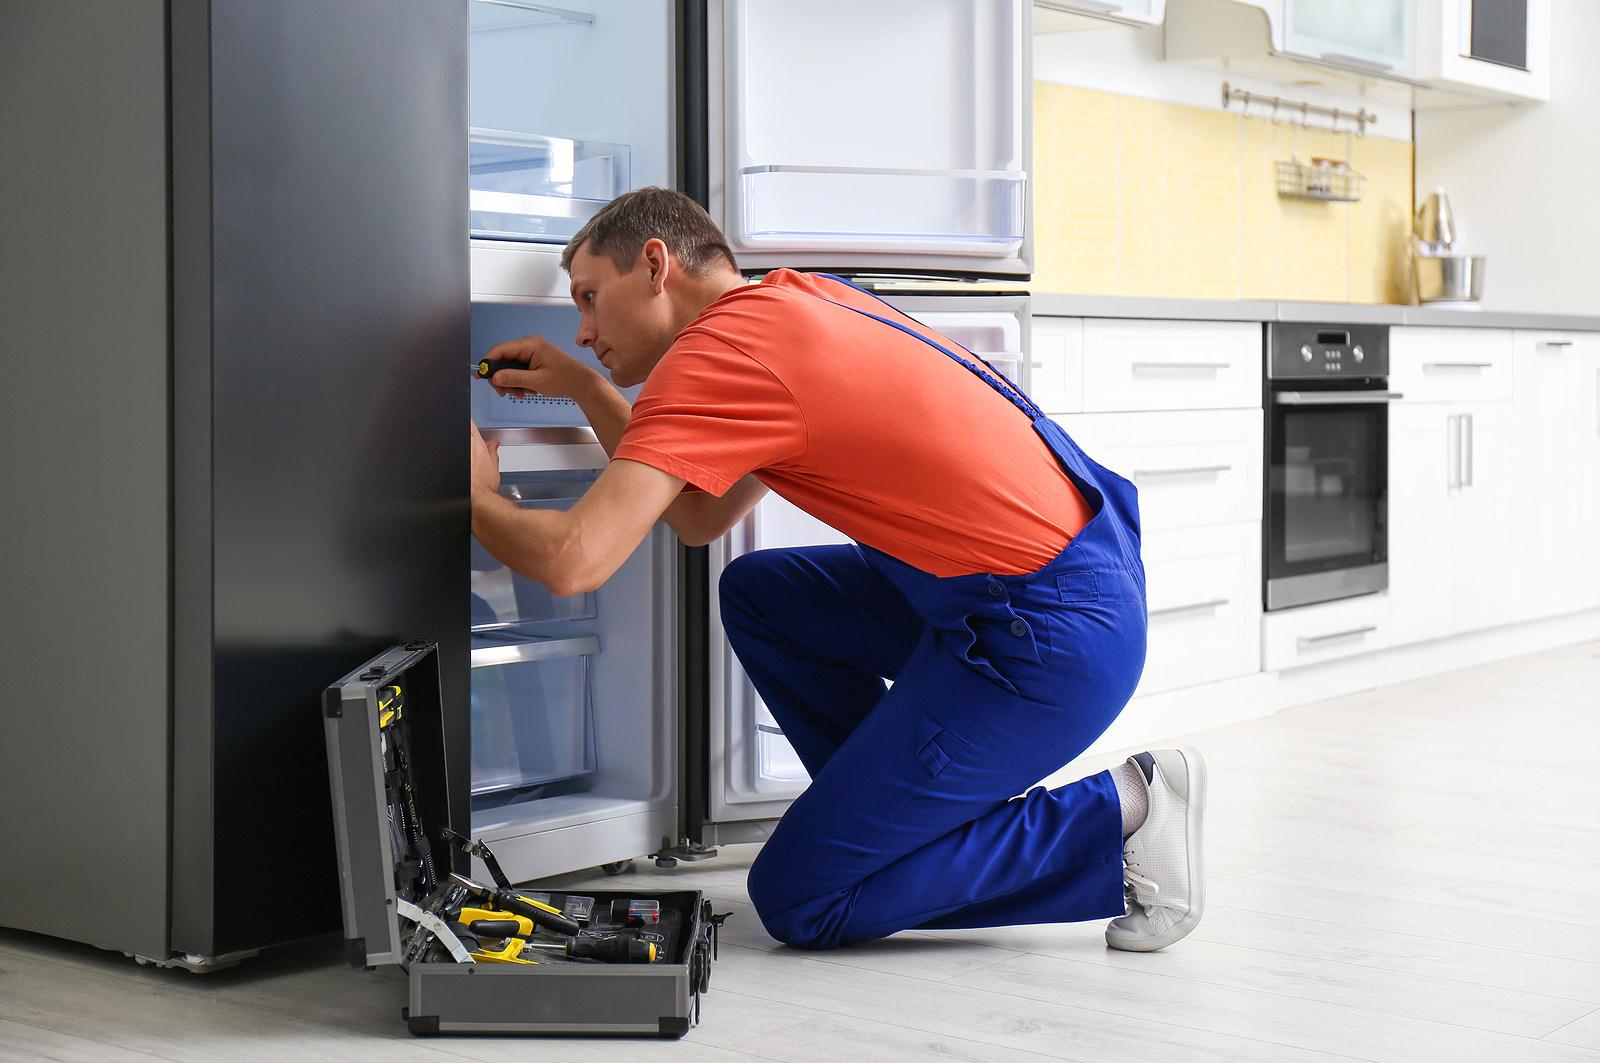 sửa tủ lạnh đường lũy bán bích